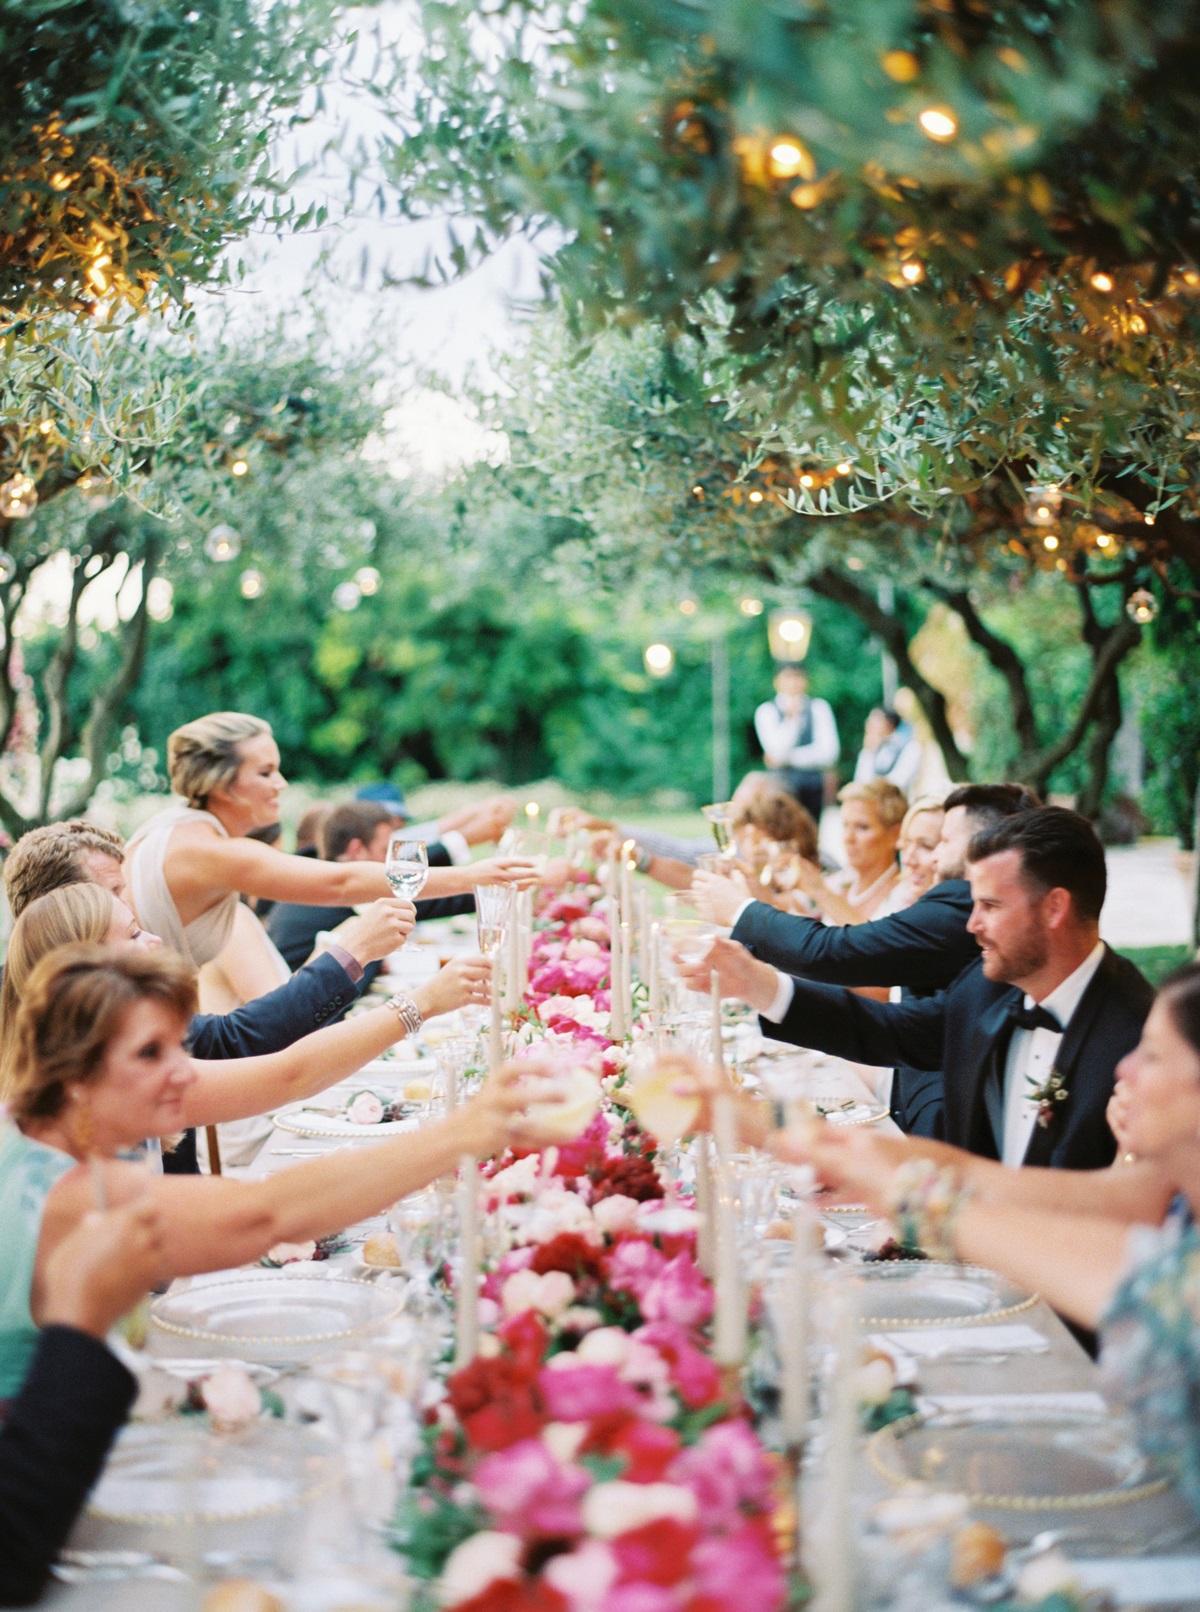 Gasten tijdens het bruiloft diner